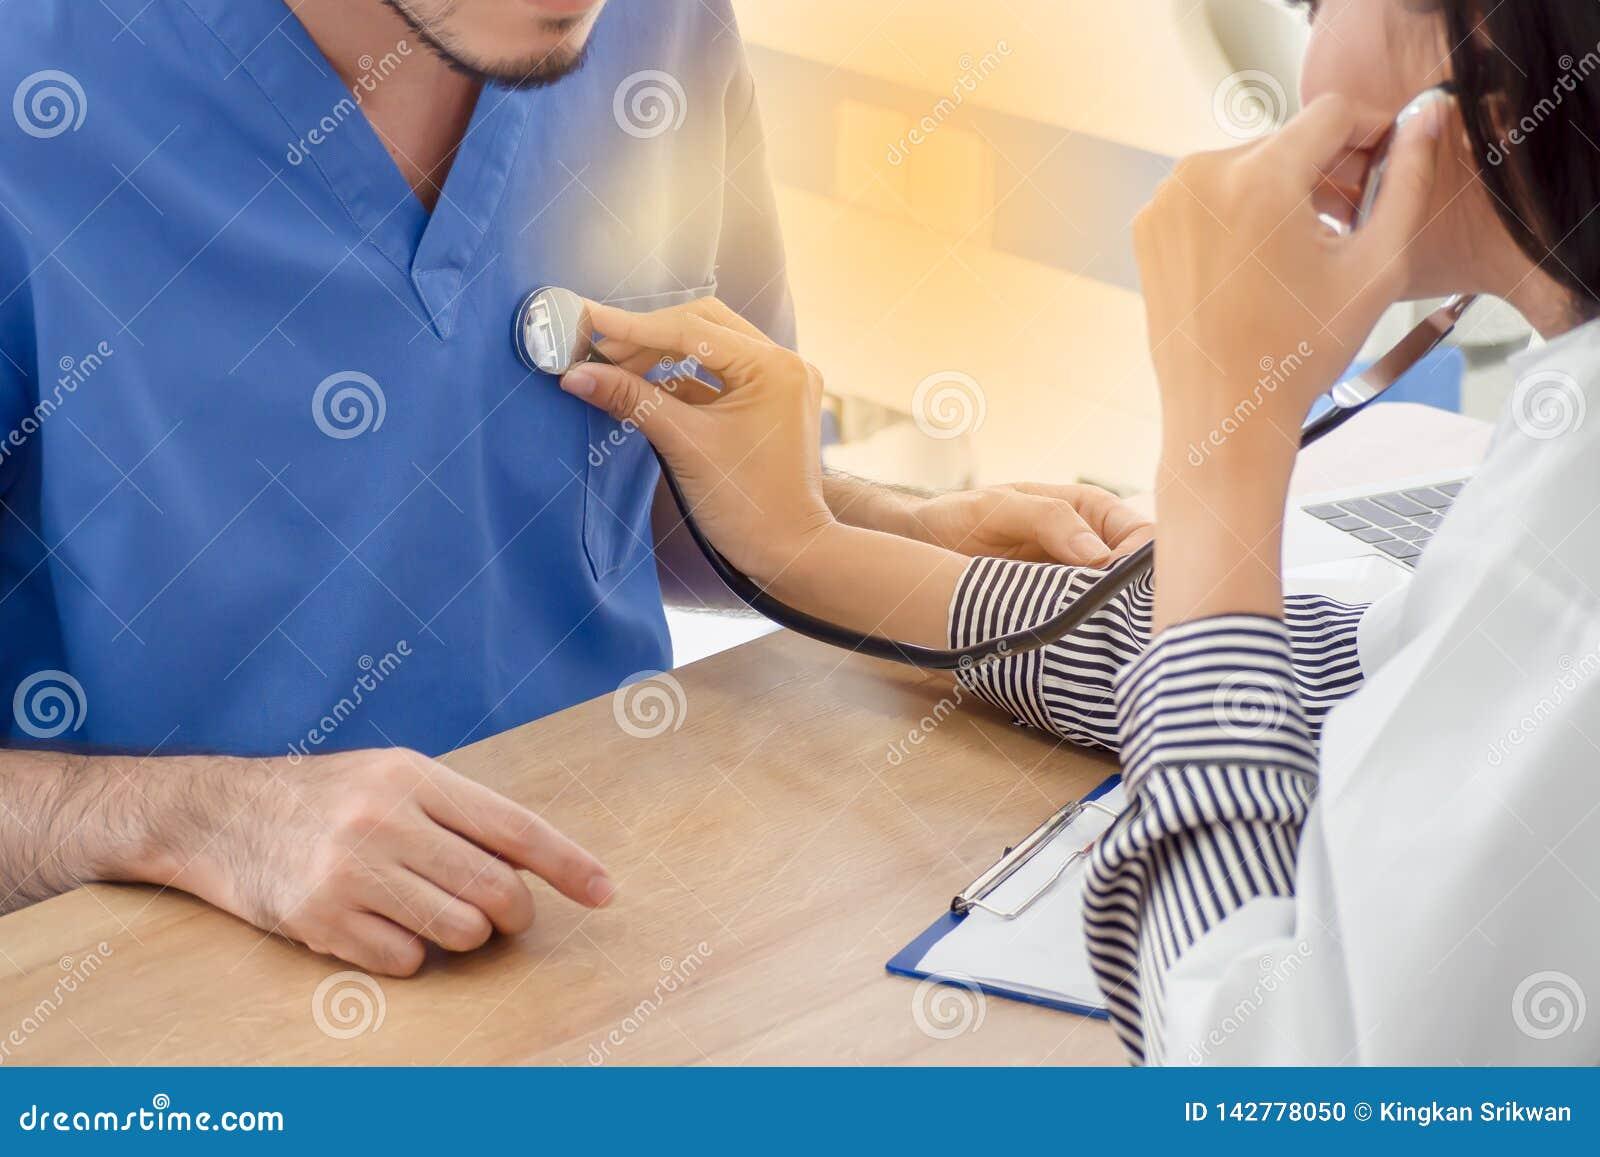 Un docteur féminin utilise un stéthoscope sur un patient masculin